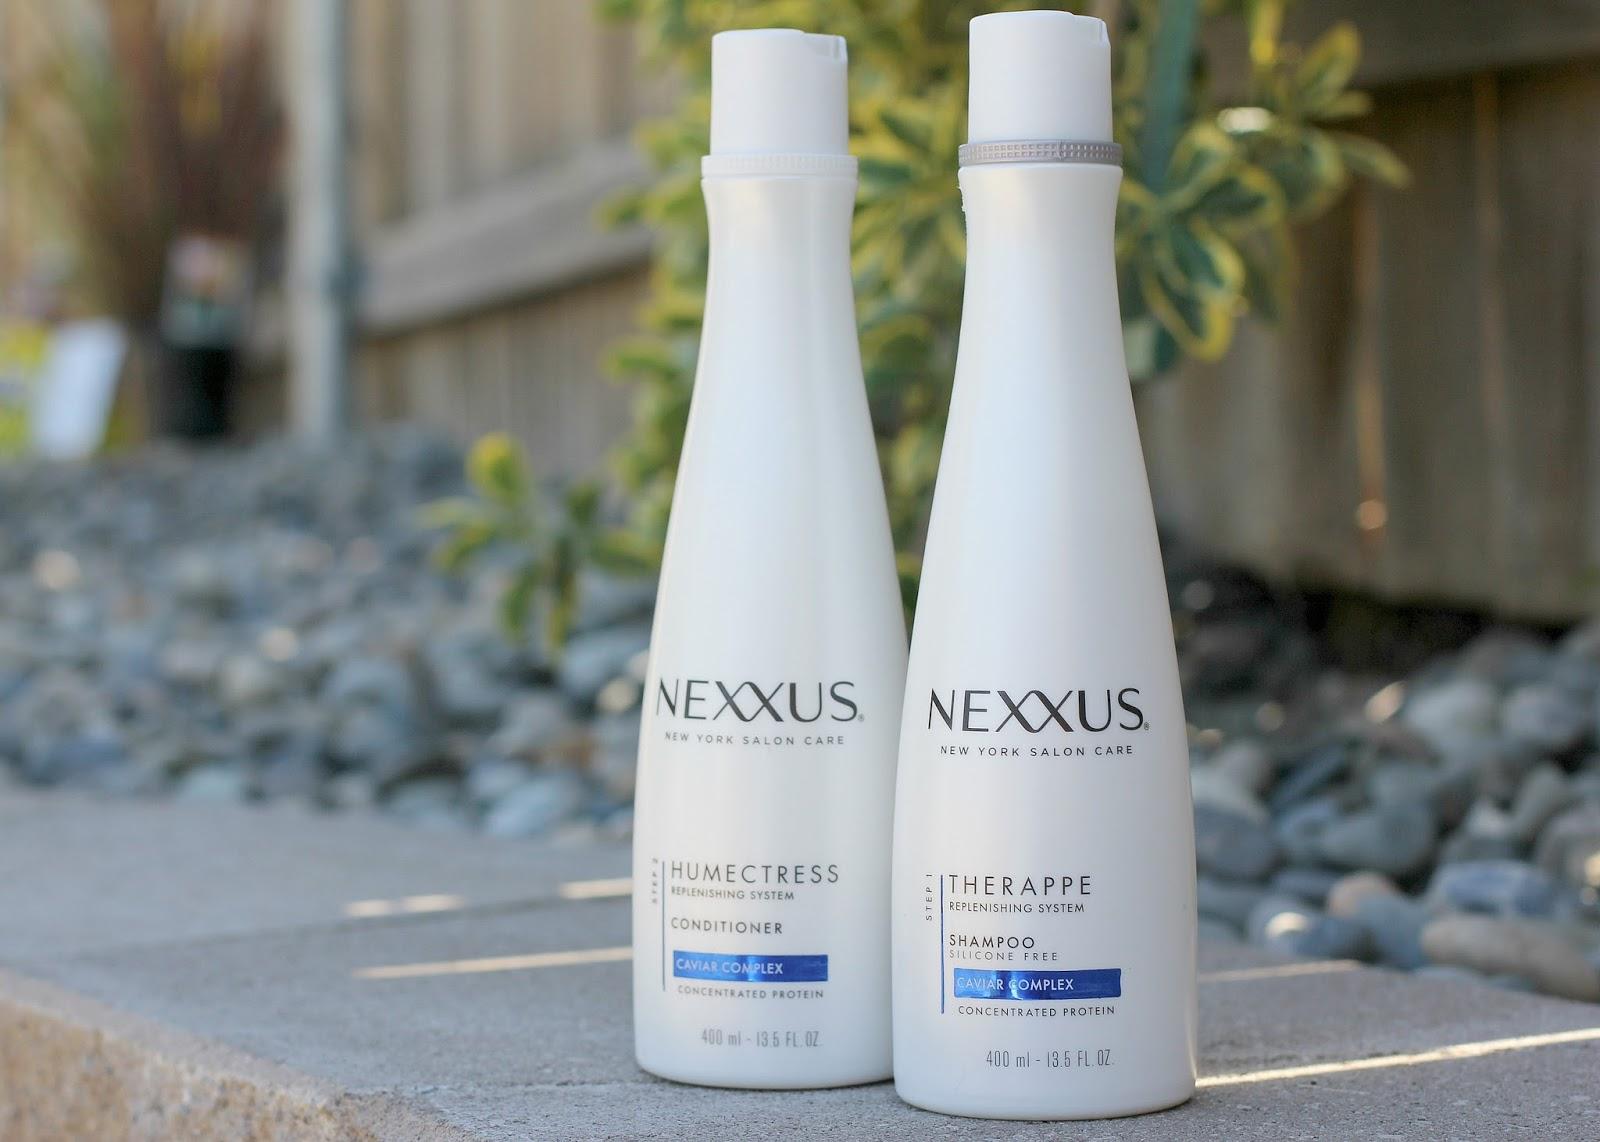 Nexxus bottles.